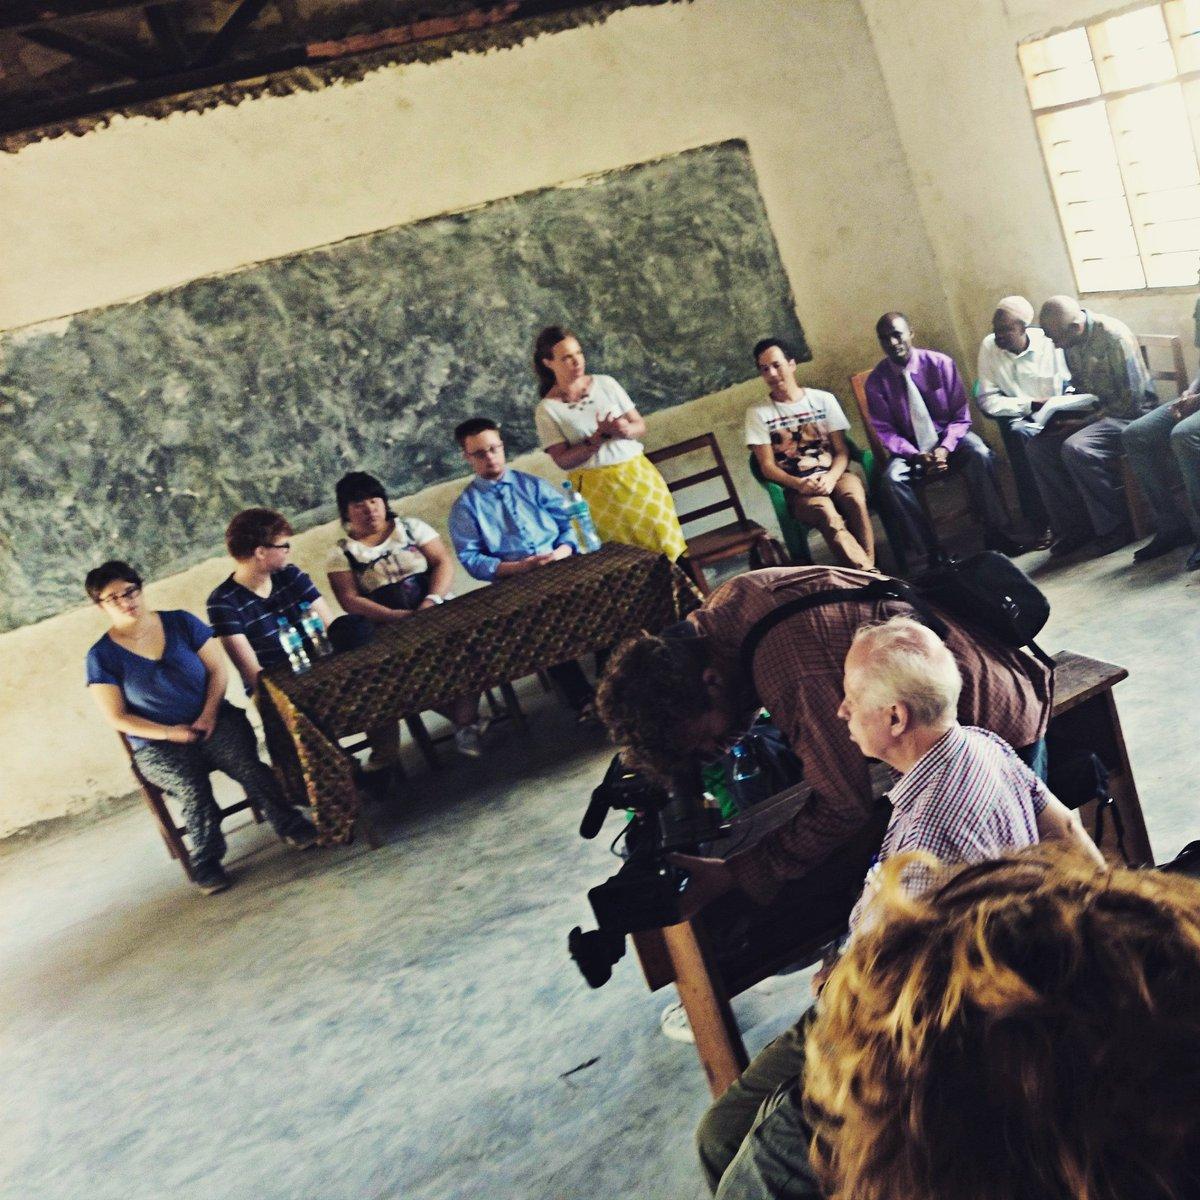 test Twitter Media - För två år sen besökte vi Kisosoraskolan som arbetar med inkluderande utbildning. Alla barn ska få rätten till skola! #tbt #postkodeffekten https://t.co/JzPEQIAEeg